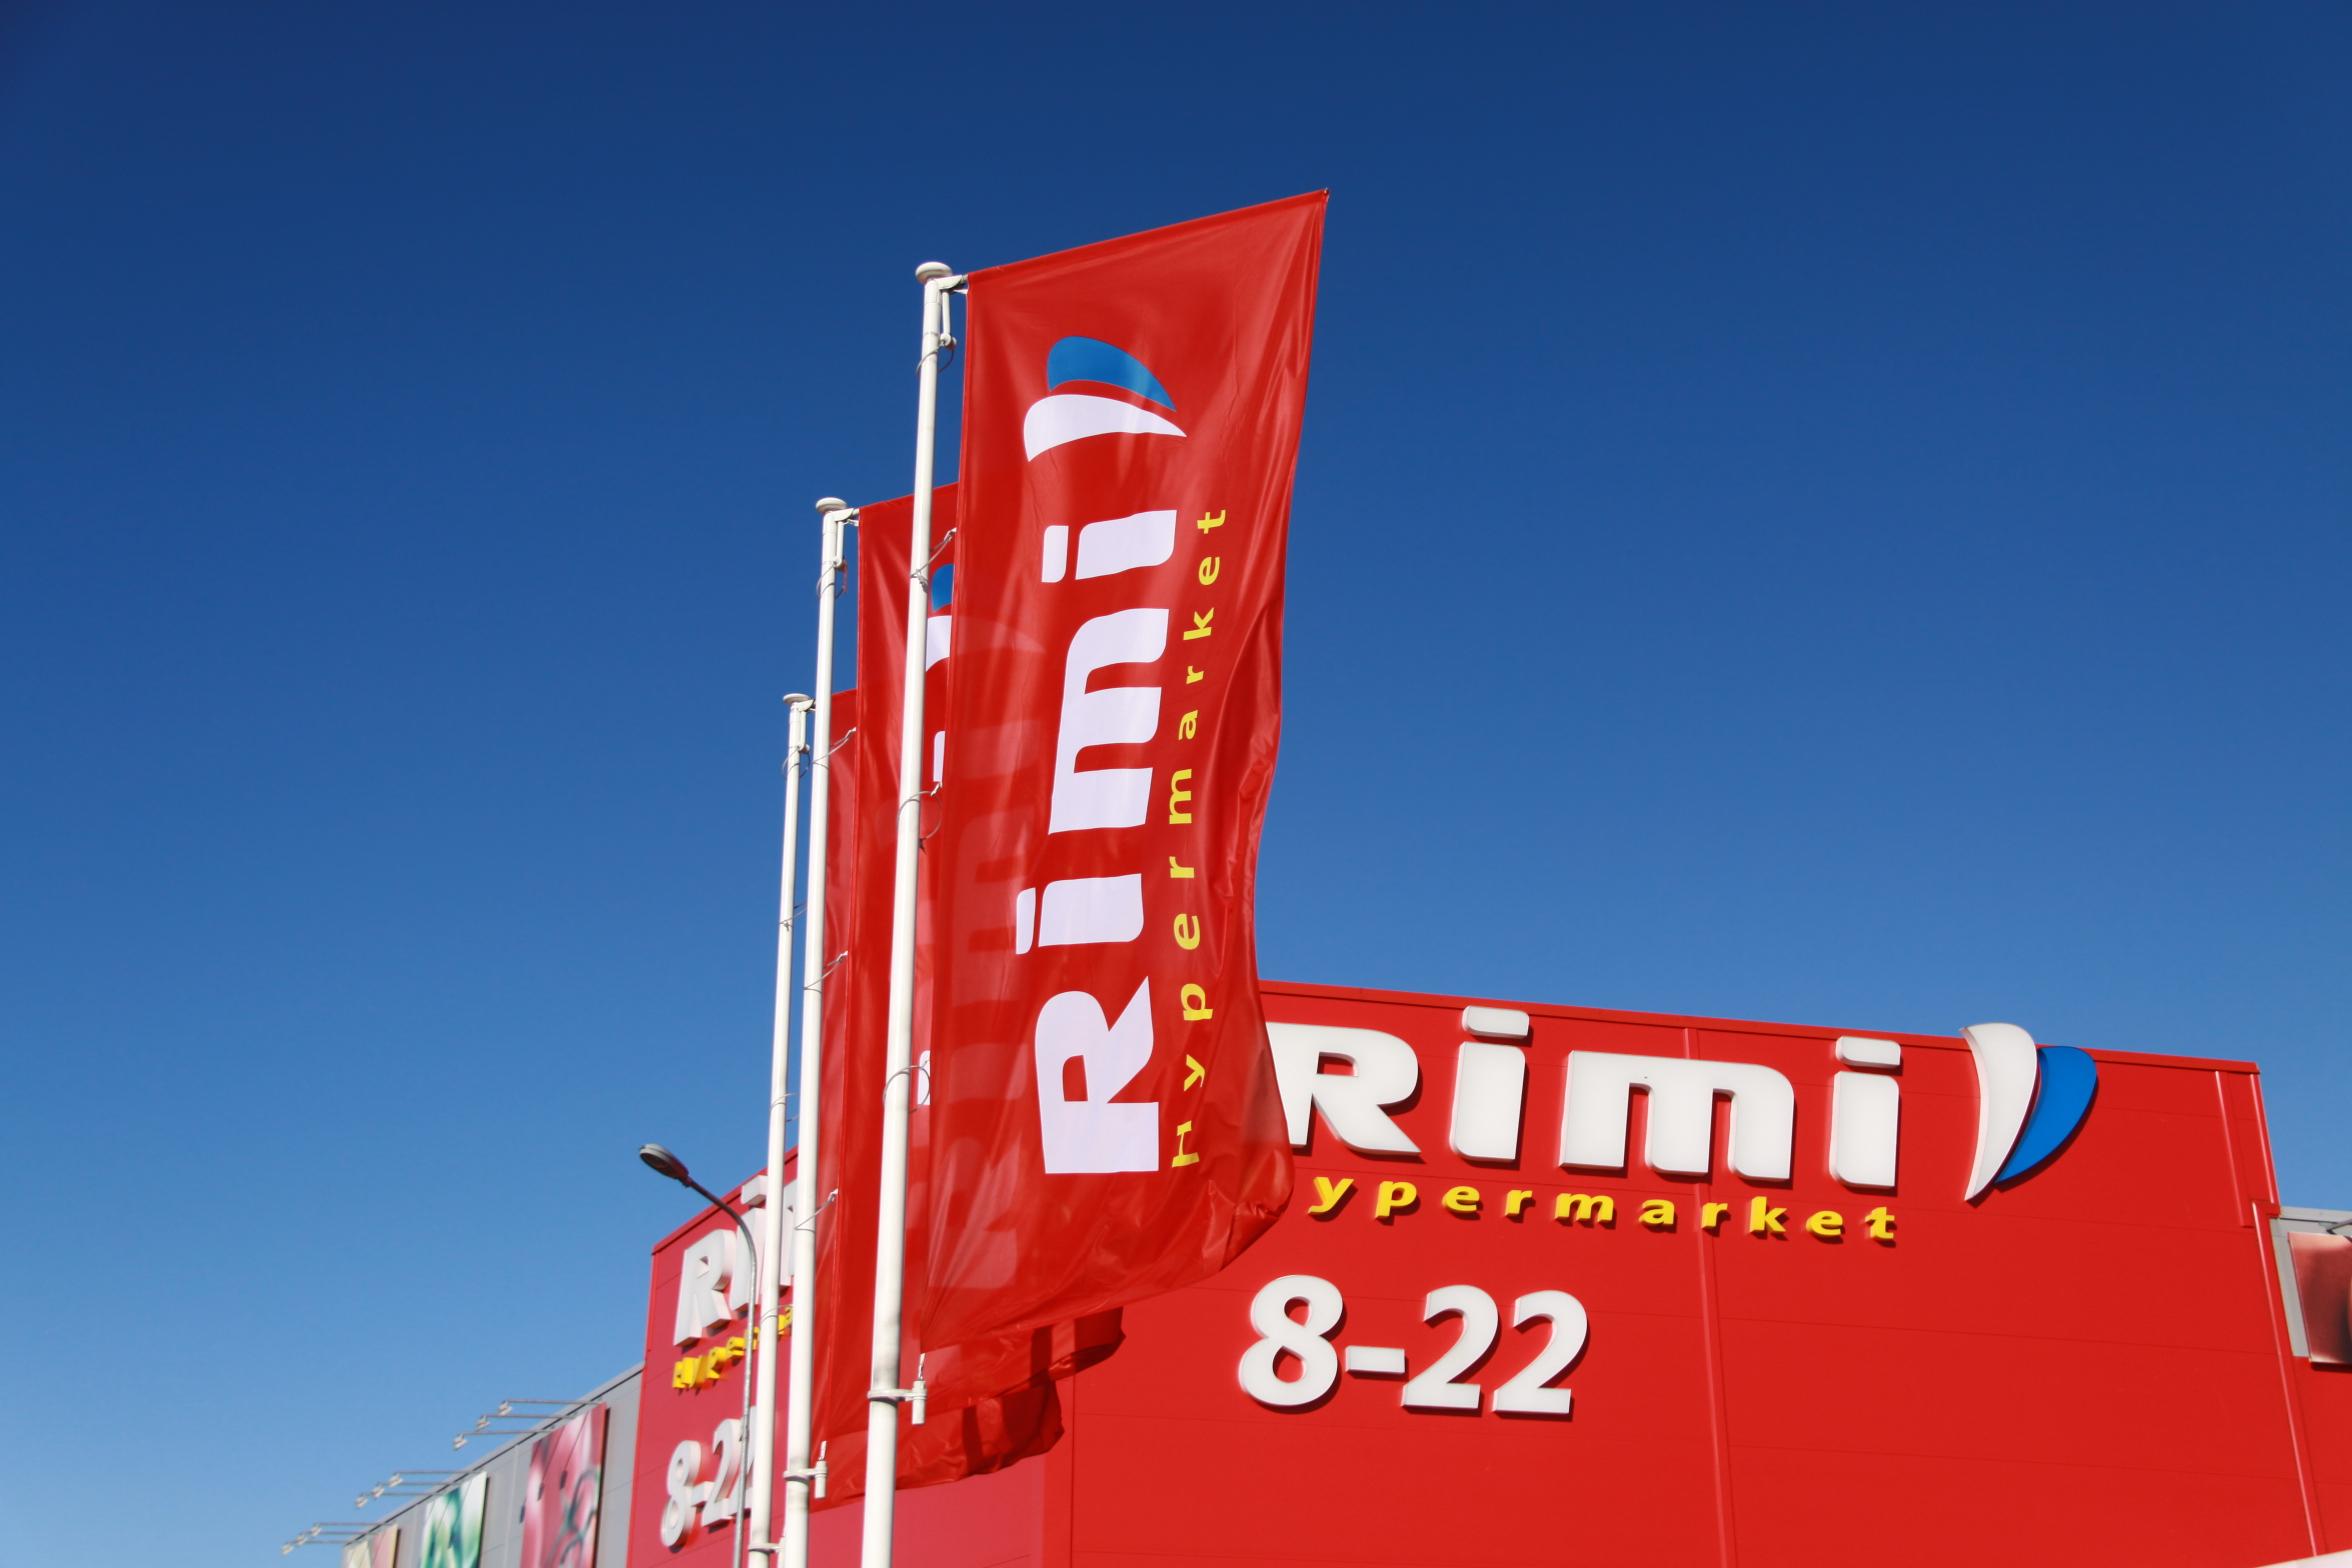 Rimi, karogi, firmas karogs, karogs, flag, flags.